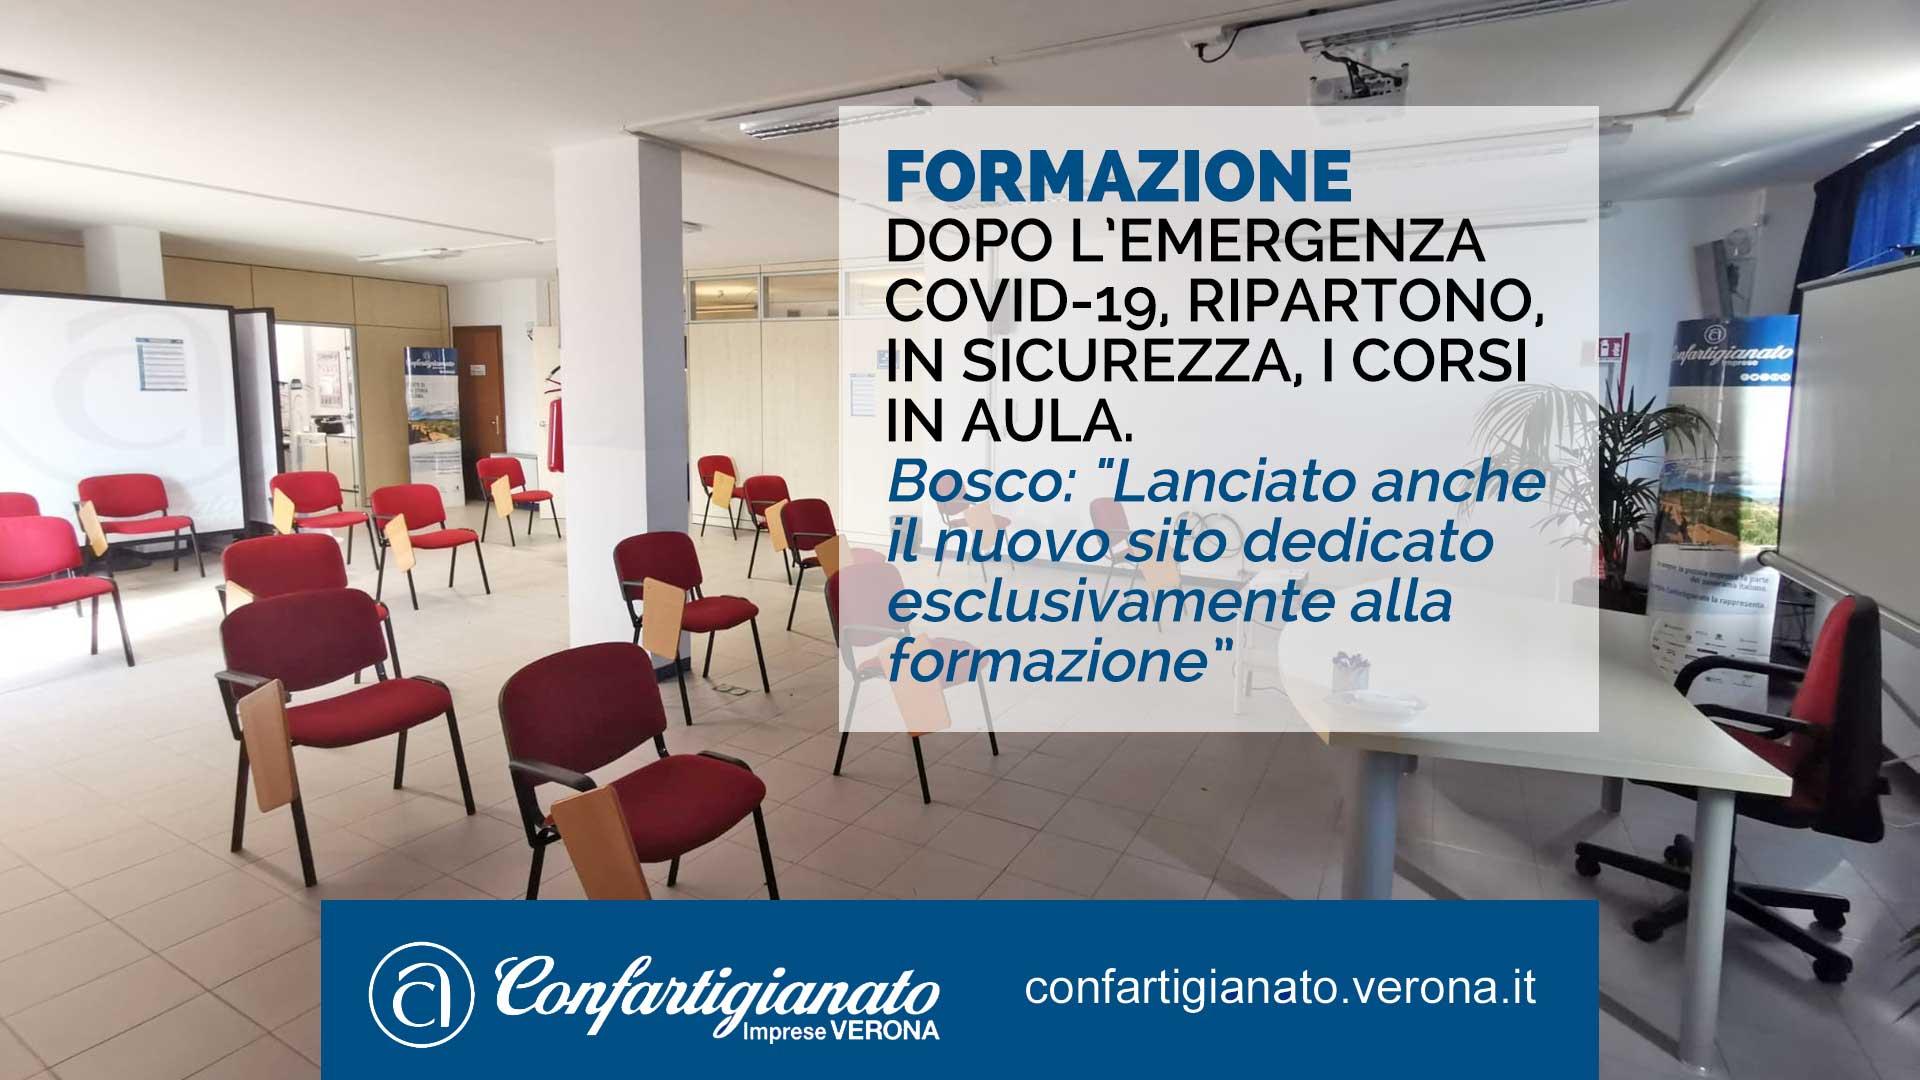 """FORMAZIONE – Dopo l'emergenza Covid-19, ripartono, in sicurezza, i corsi in aula. Bosco: """"Lanciato anche il sito formazione.confartigianto.verona.it"""""""